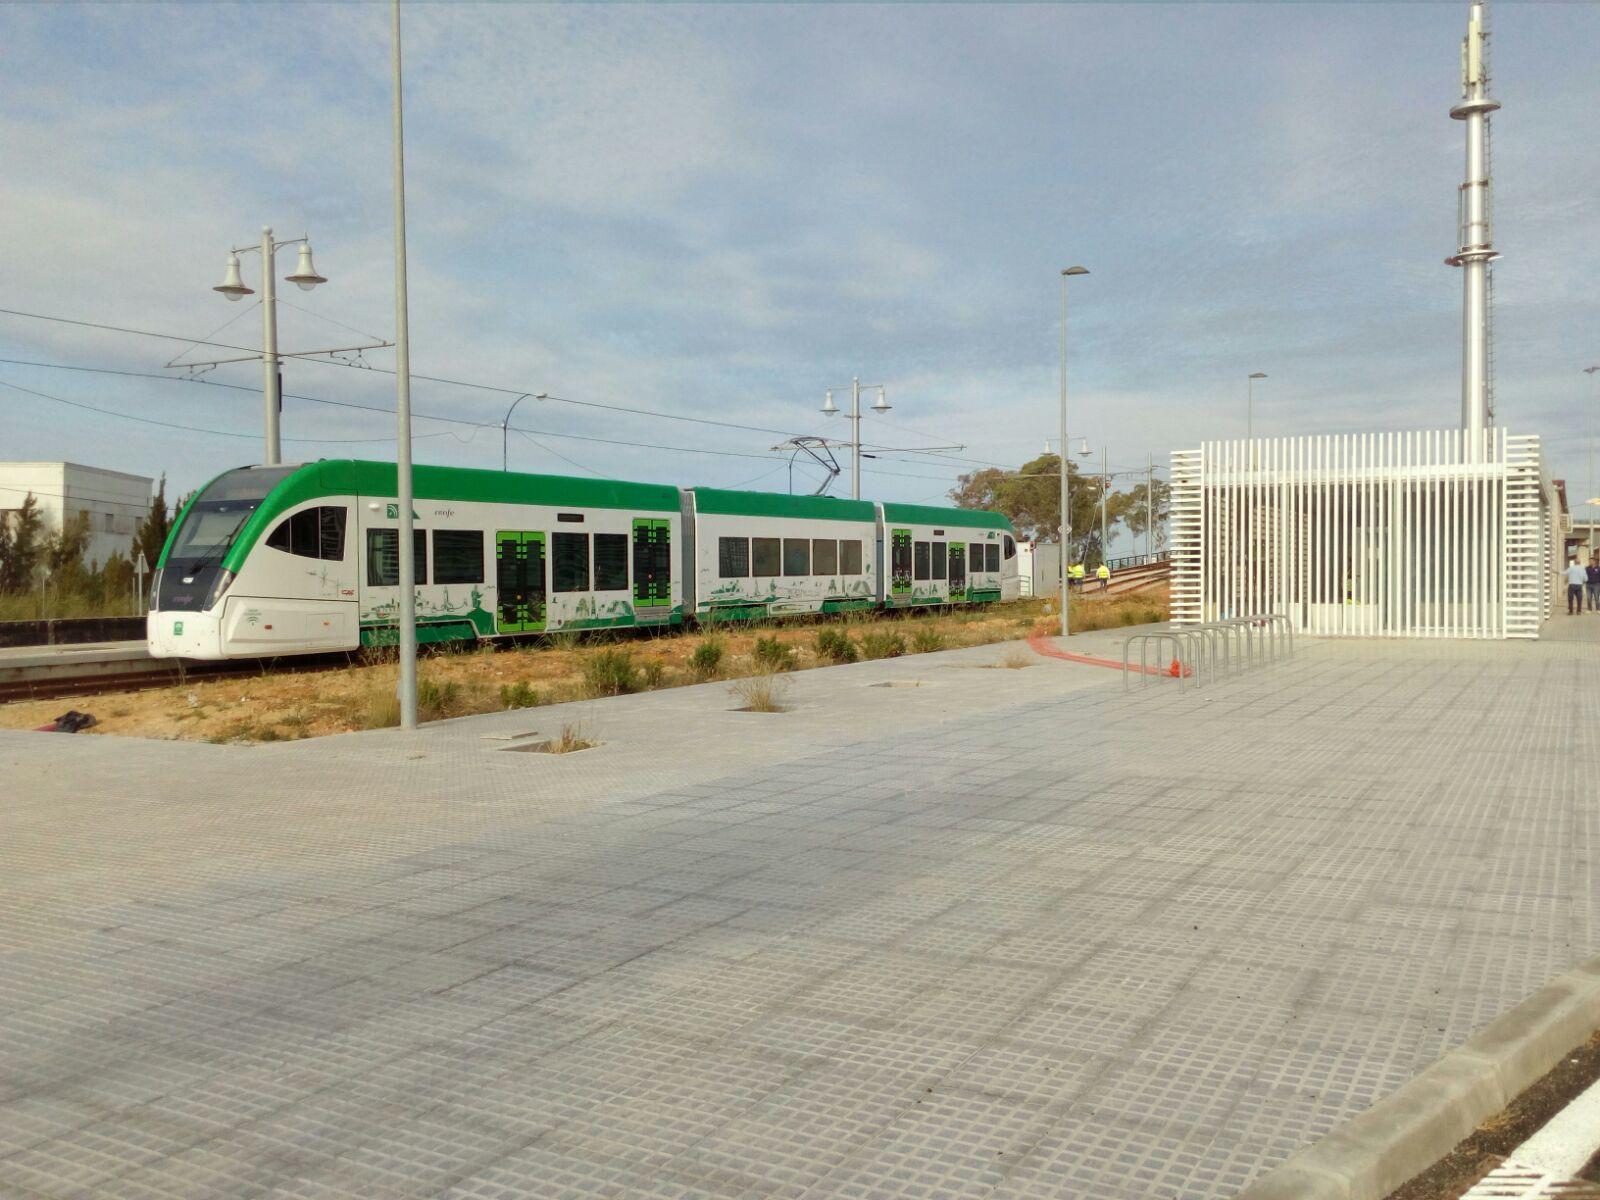 Vehículo del tren tranvía en la parada de La Ardila, en San Fernando.